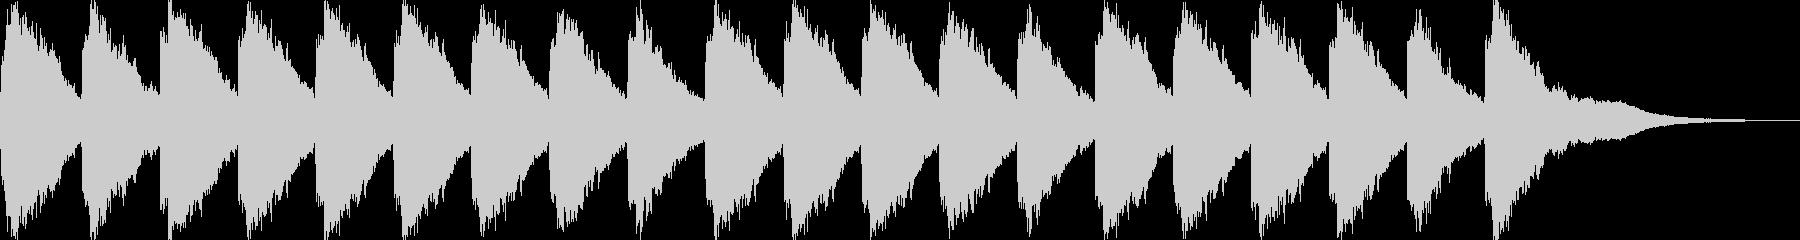 ガラーン・ガラーン…(大聖堂・教会の鐘)の未再生の波形